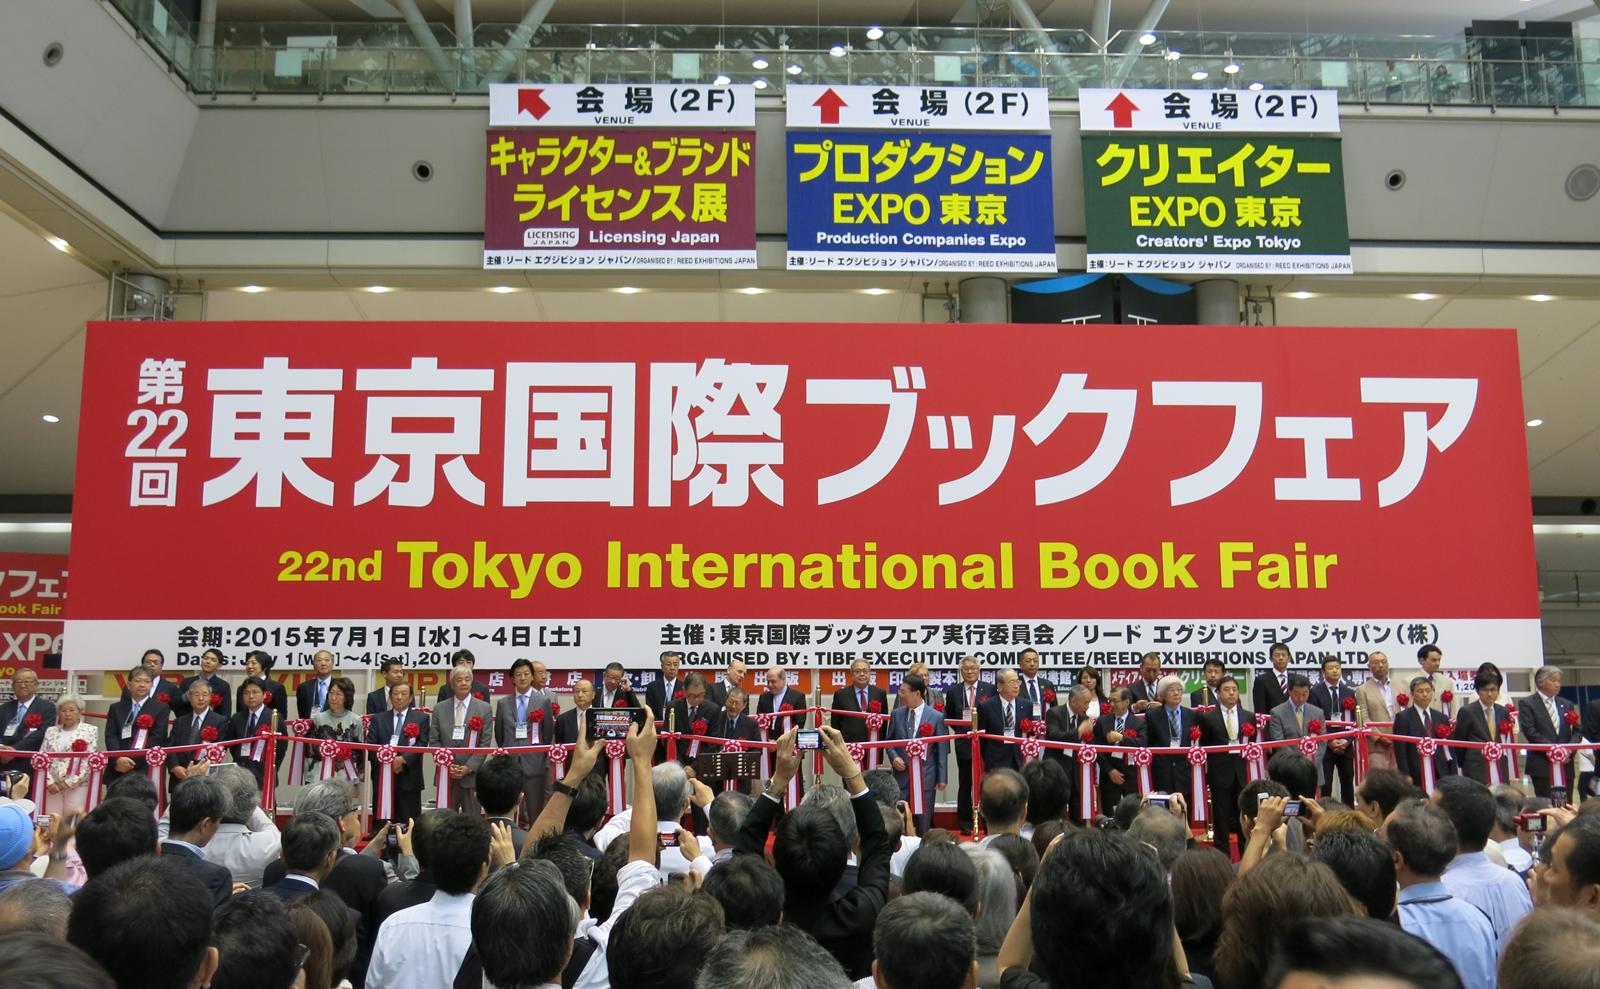 今年7月に行われた第22回東京国際ブックフェア 開会式の様子